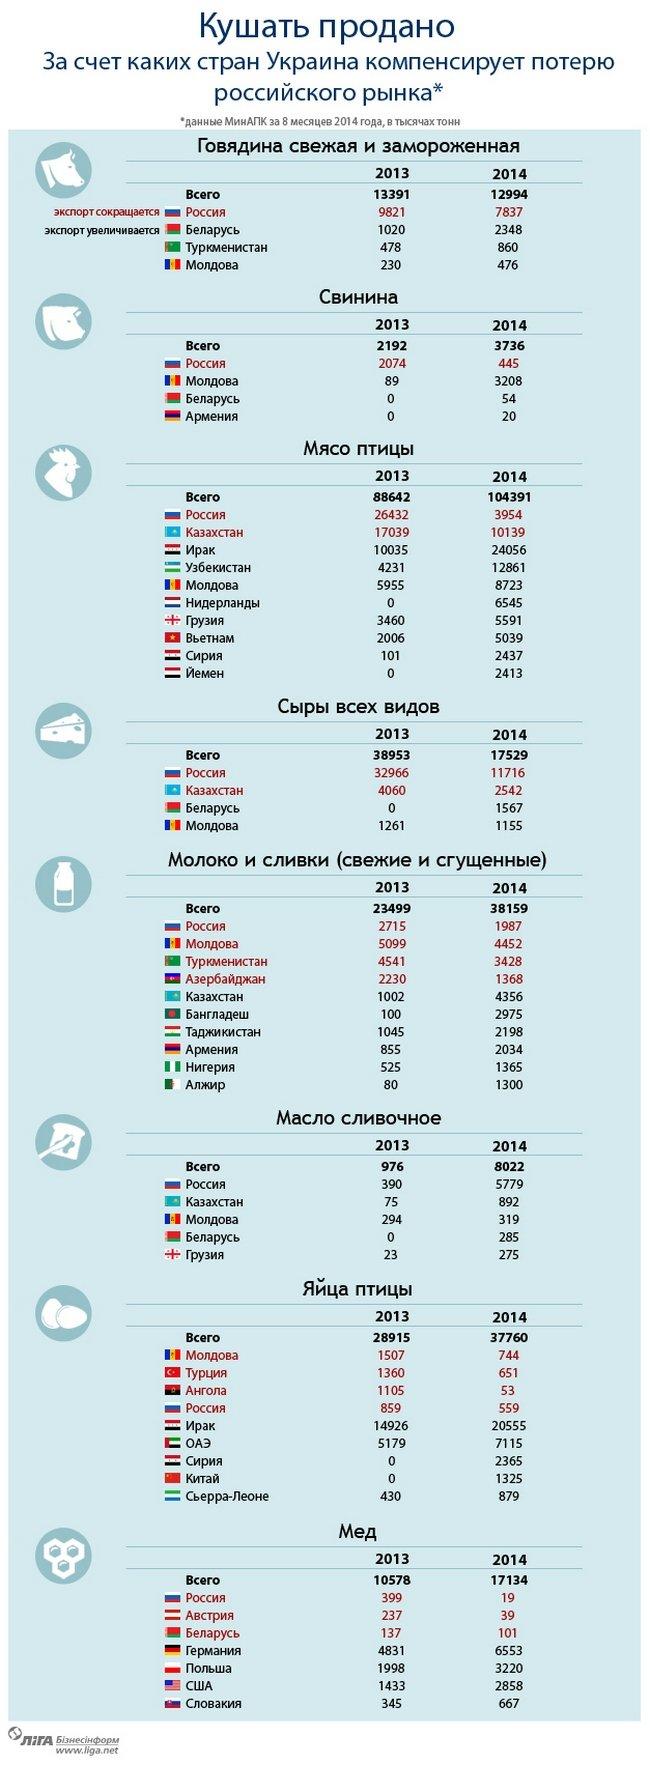 Новые рынки: кем отечественные аграрии заменили российских покупателей, фото-1